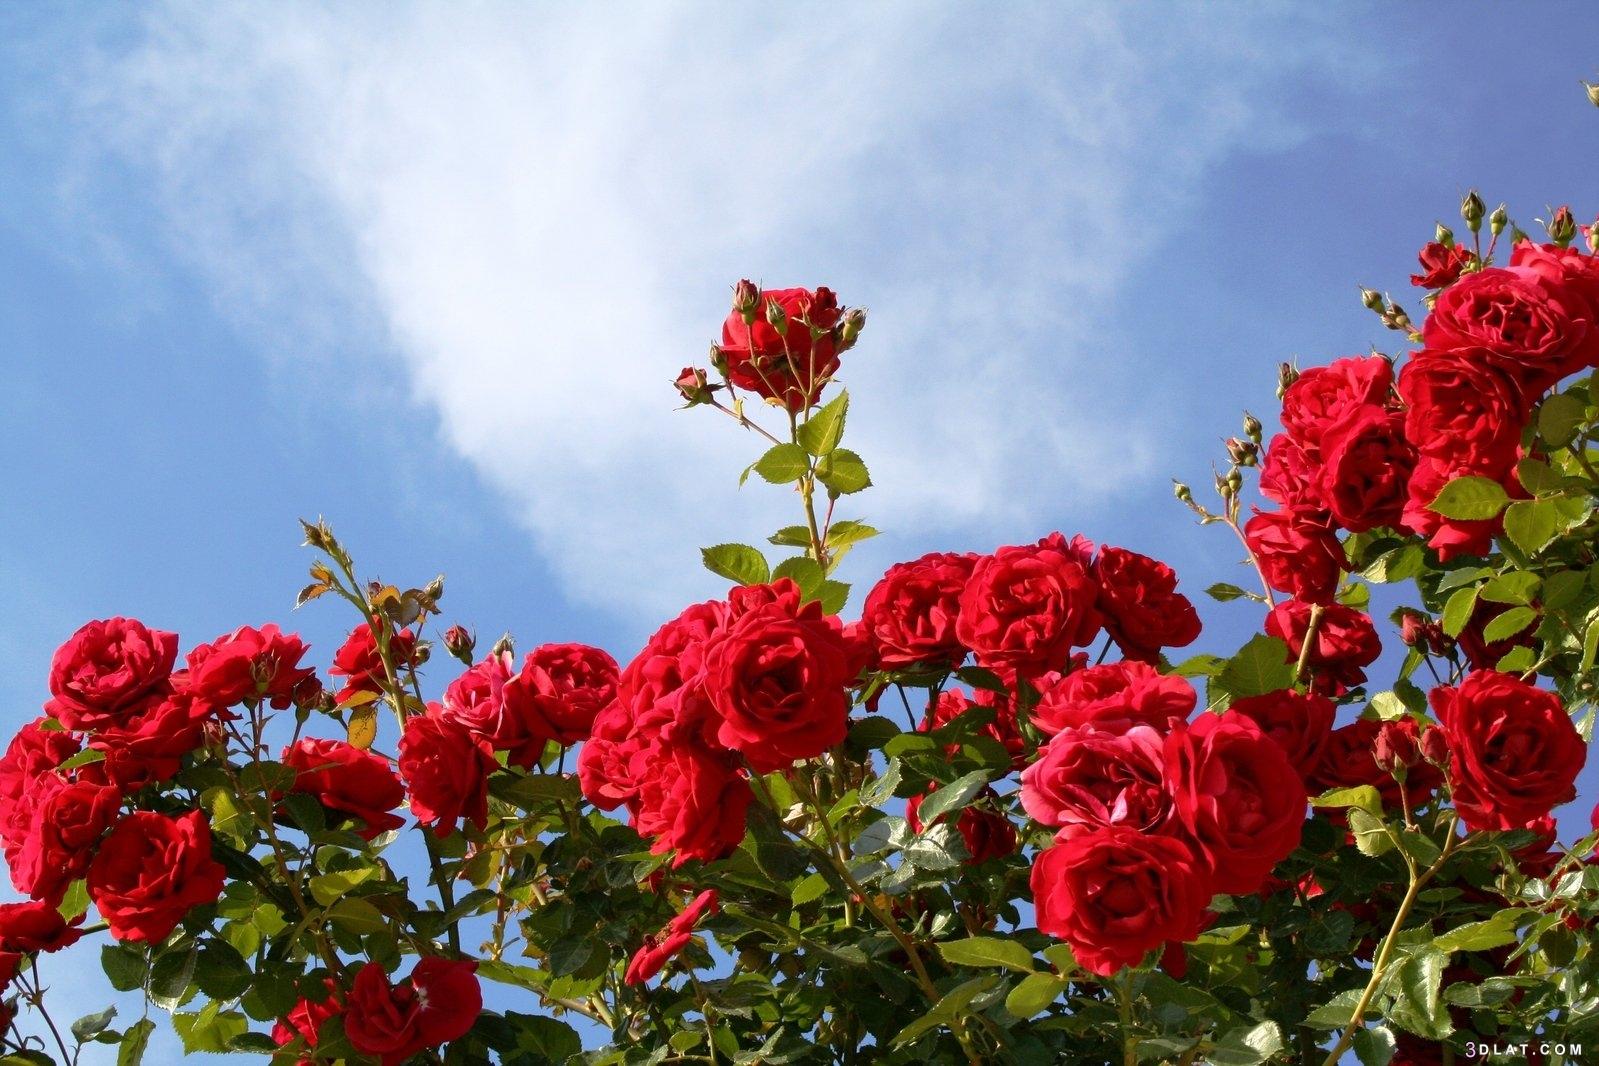 مجموعة زهور عالية الجودة ،أجمل مجموعة 3dlat.com_07_19_1ea5